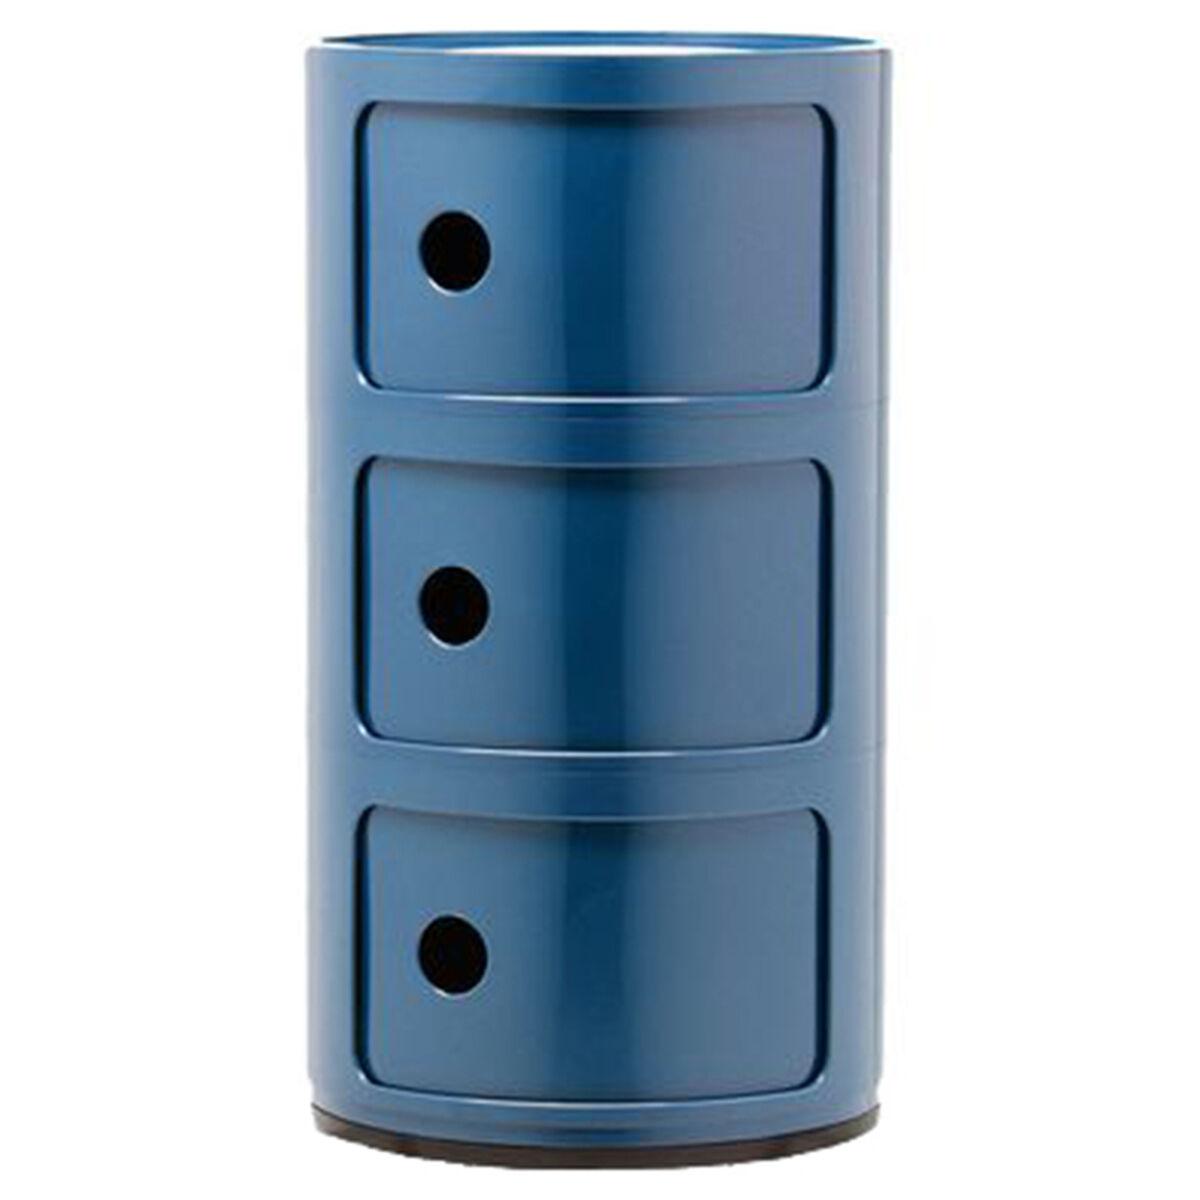 Kartell Componibili s�ilytyskaluste, 3-osainen, sininen